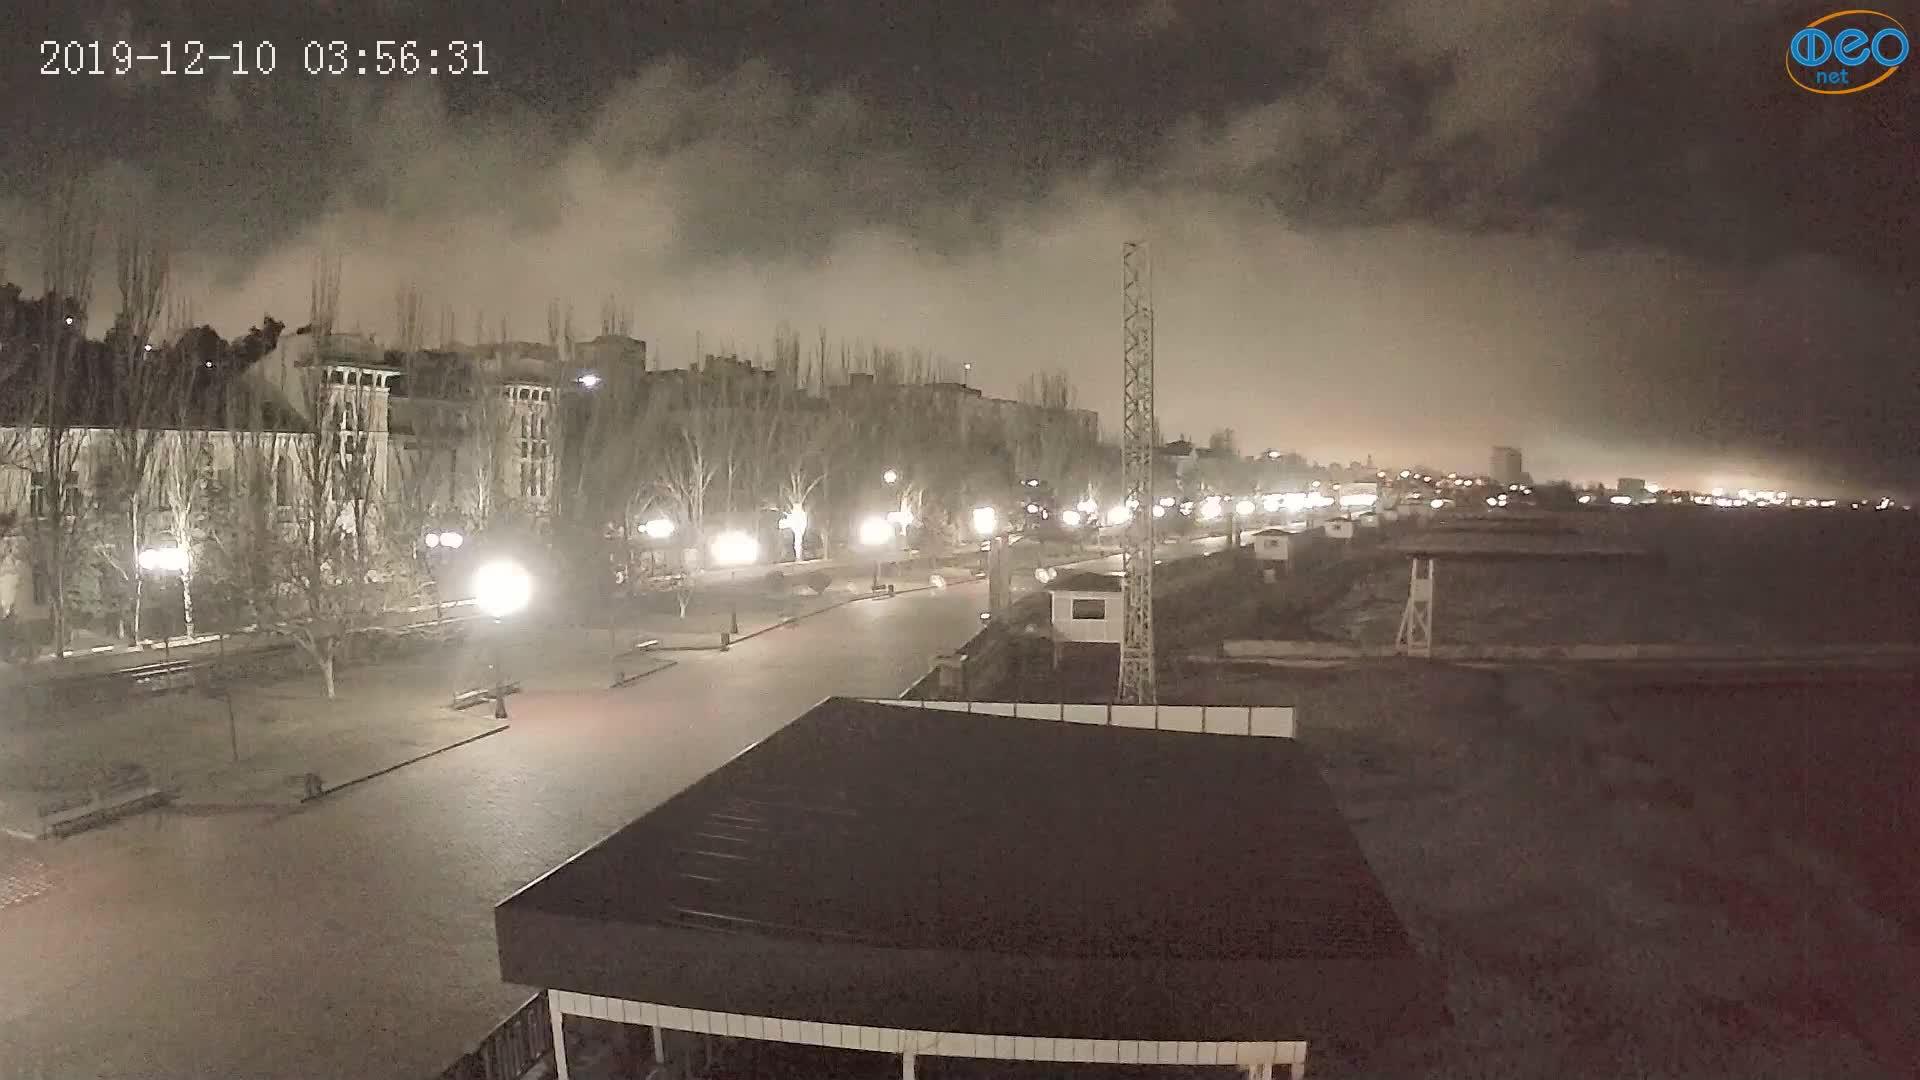 Веб-камеры Феодосии, Пляж Камешки, 2019-12-10 03:56:55